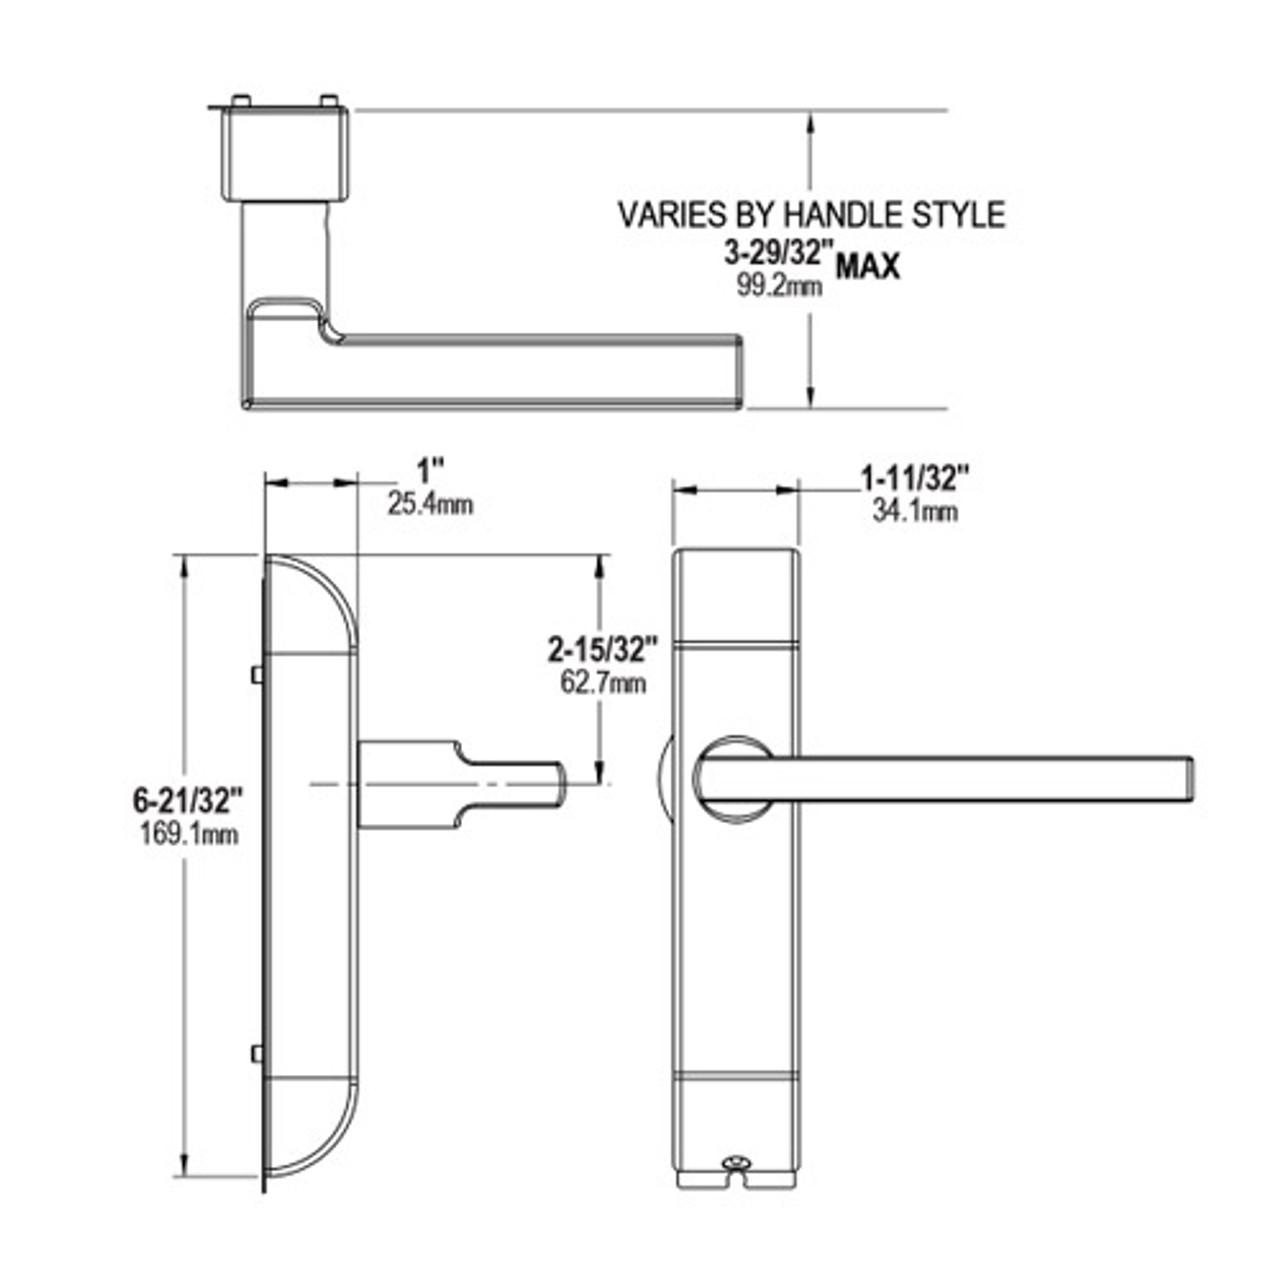 4600-MN-612-US4 Adams Rite MN Designer handle Dimensional View